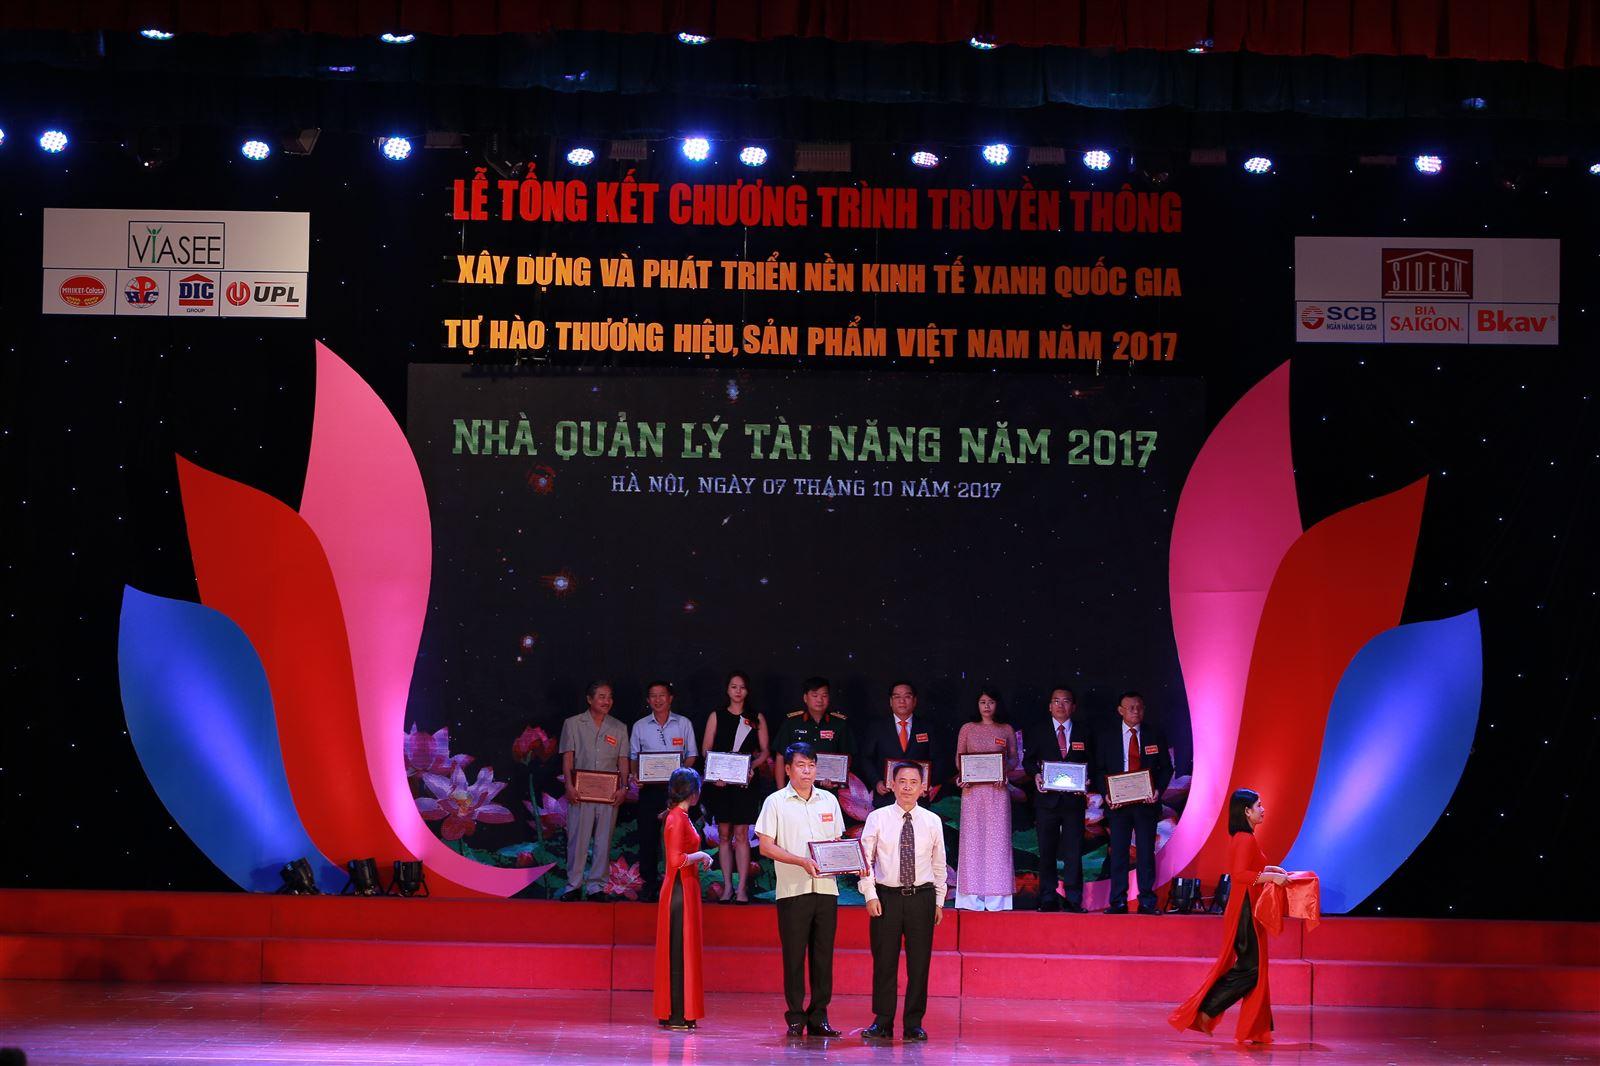 Chủ tịch Hội đồng quản trị kiêm Tổng Giám đốc Vũ Văn Trường vinh danh trong chương trình Nhà Quản lý tài năng Việt Nam 2017